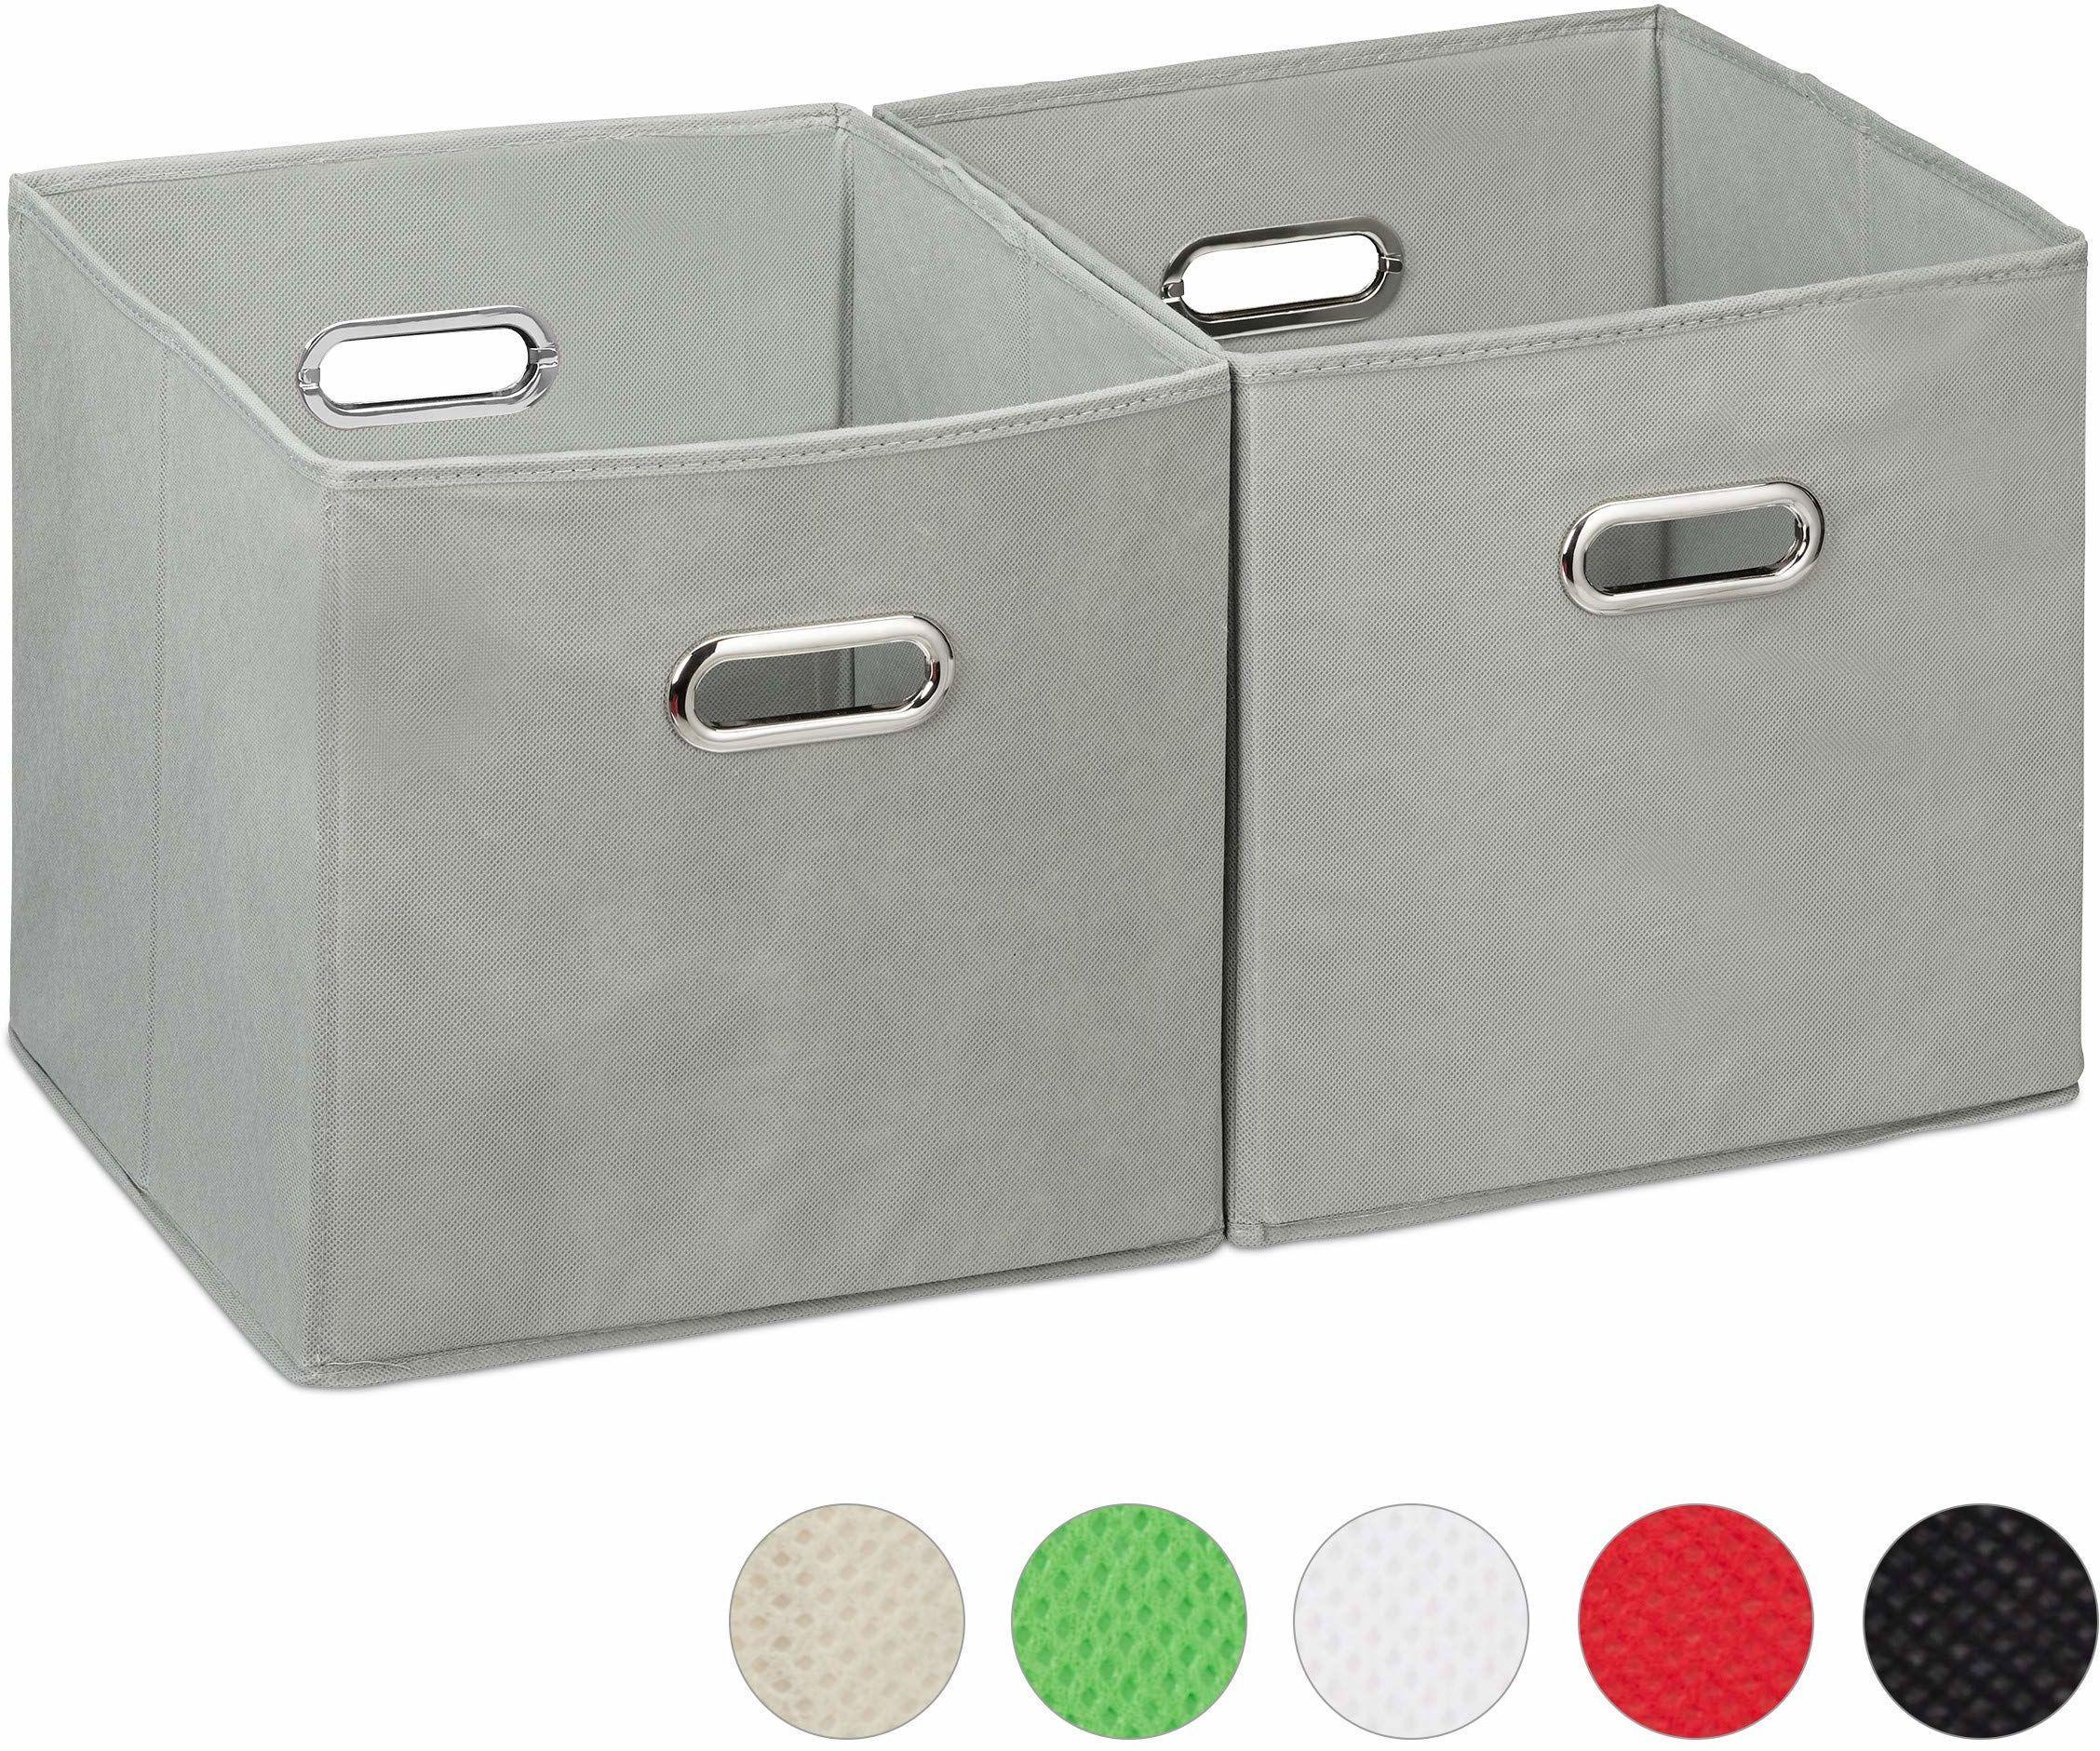 Relaxdays, Szare pudełko do przechowywania zestaw 2 szt. kosz regałowy bez pokrywki, z uchwytem, składane, pudełko z materiału kwadratowe, 30 cm, poliester, karton, 30 x 30 x 30 cm, 2